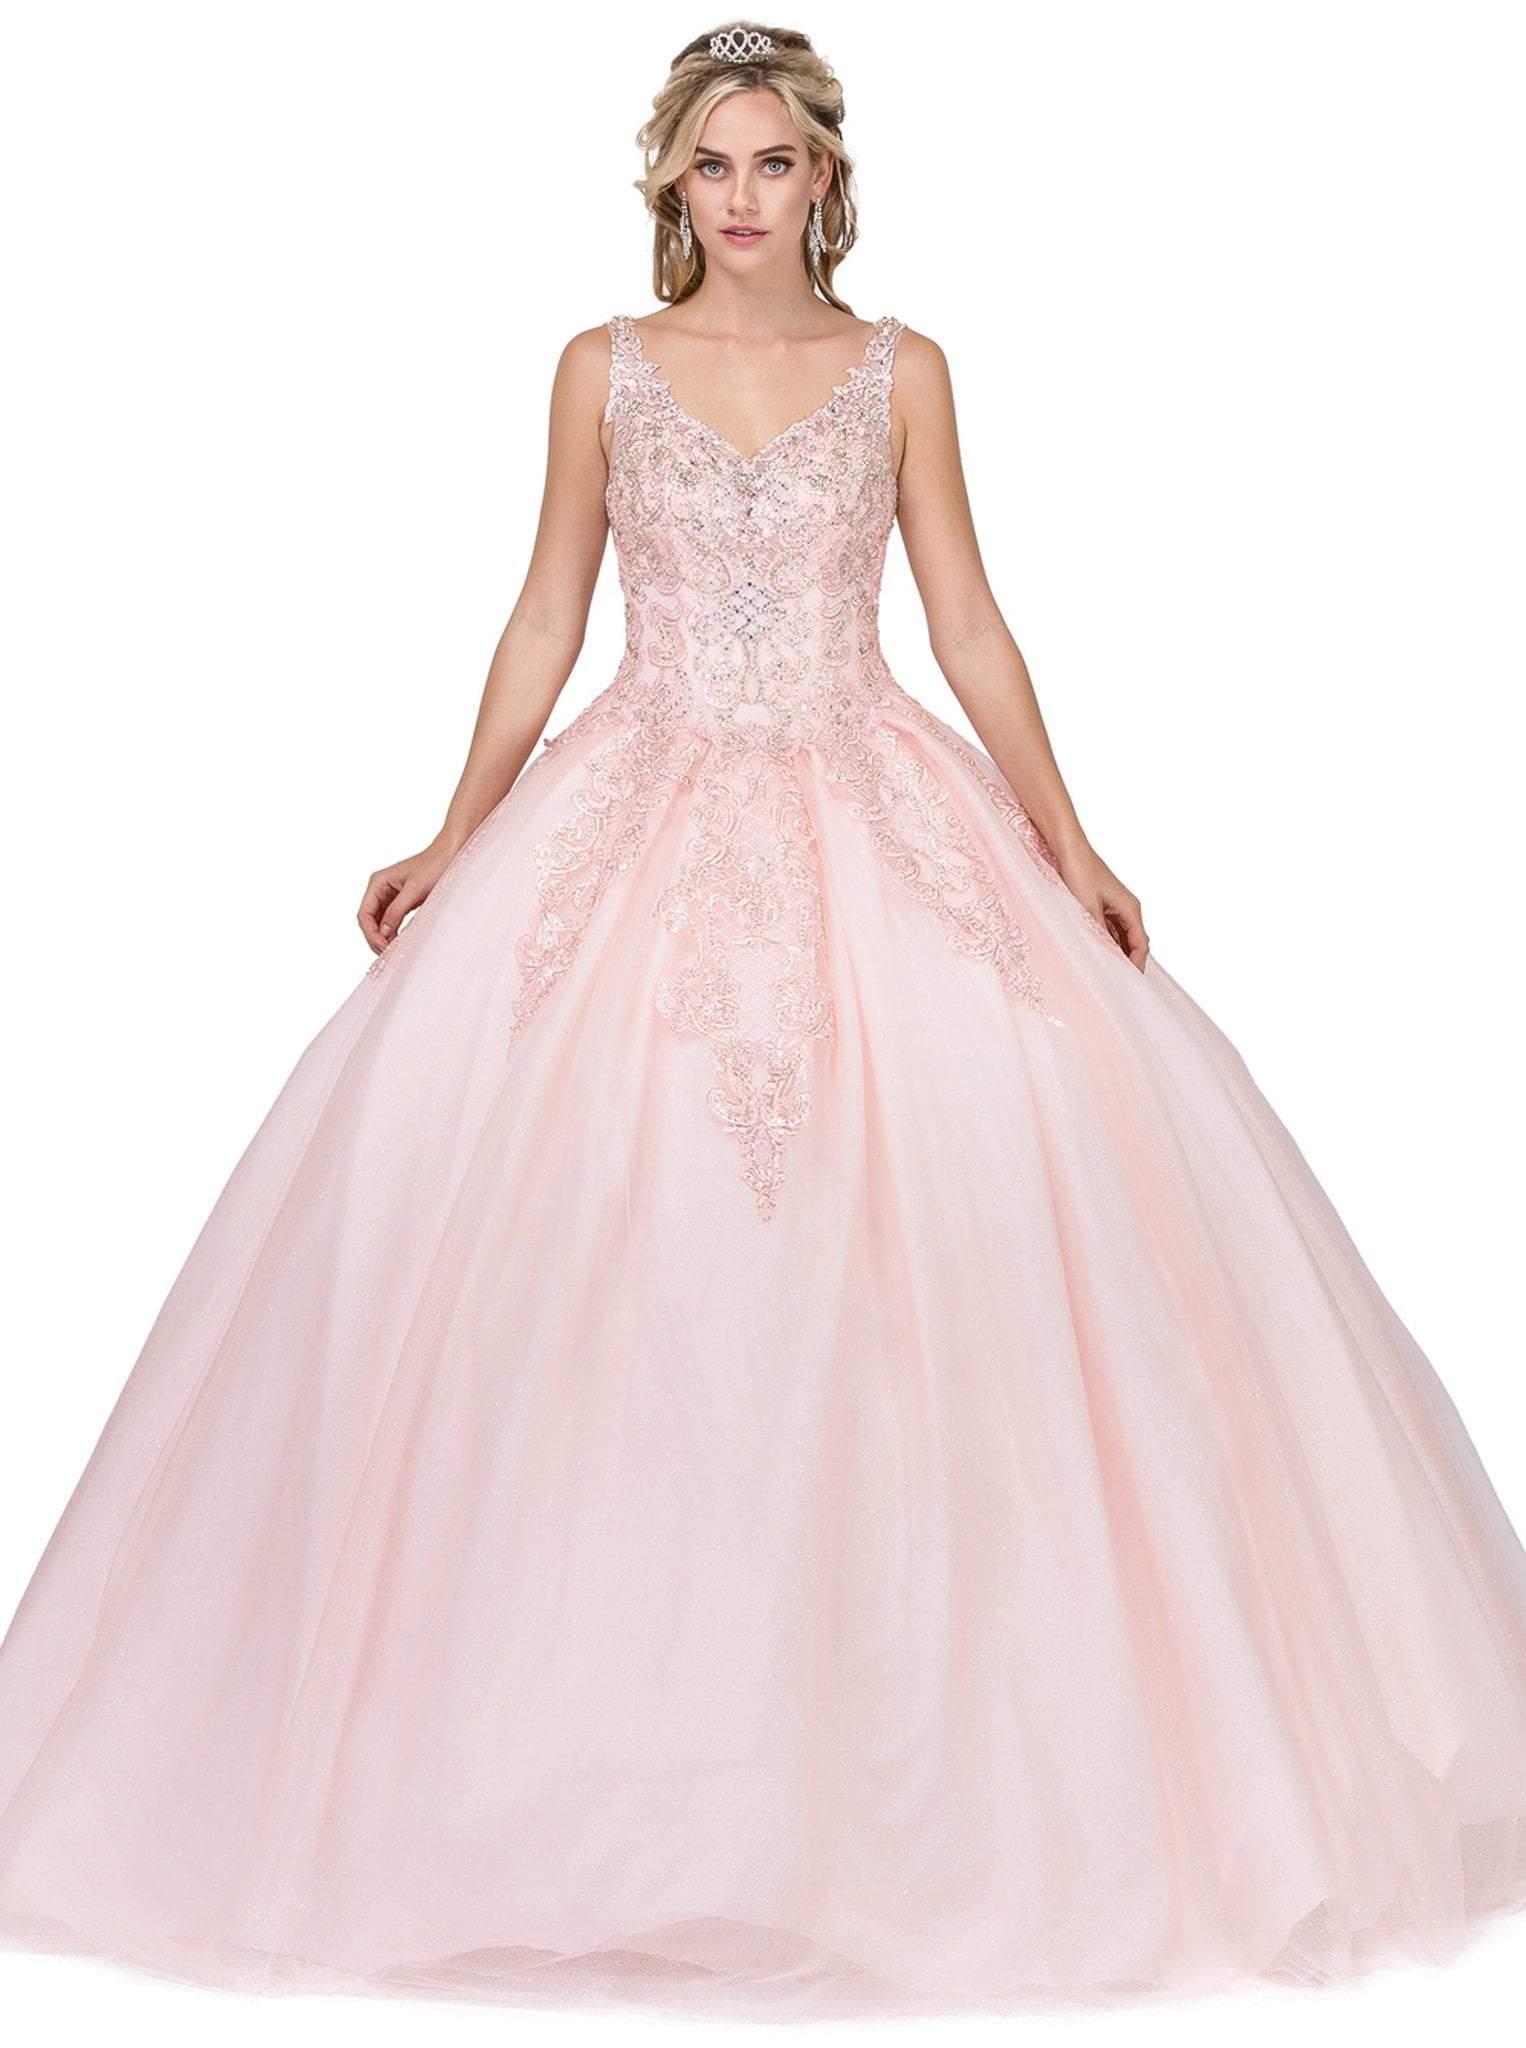 Dancing Queen - 1271 Beaded Off-Shoulder Quinceanera Gown